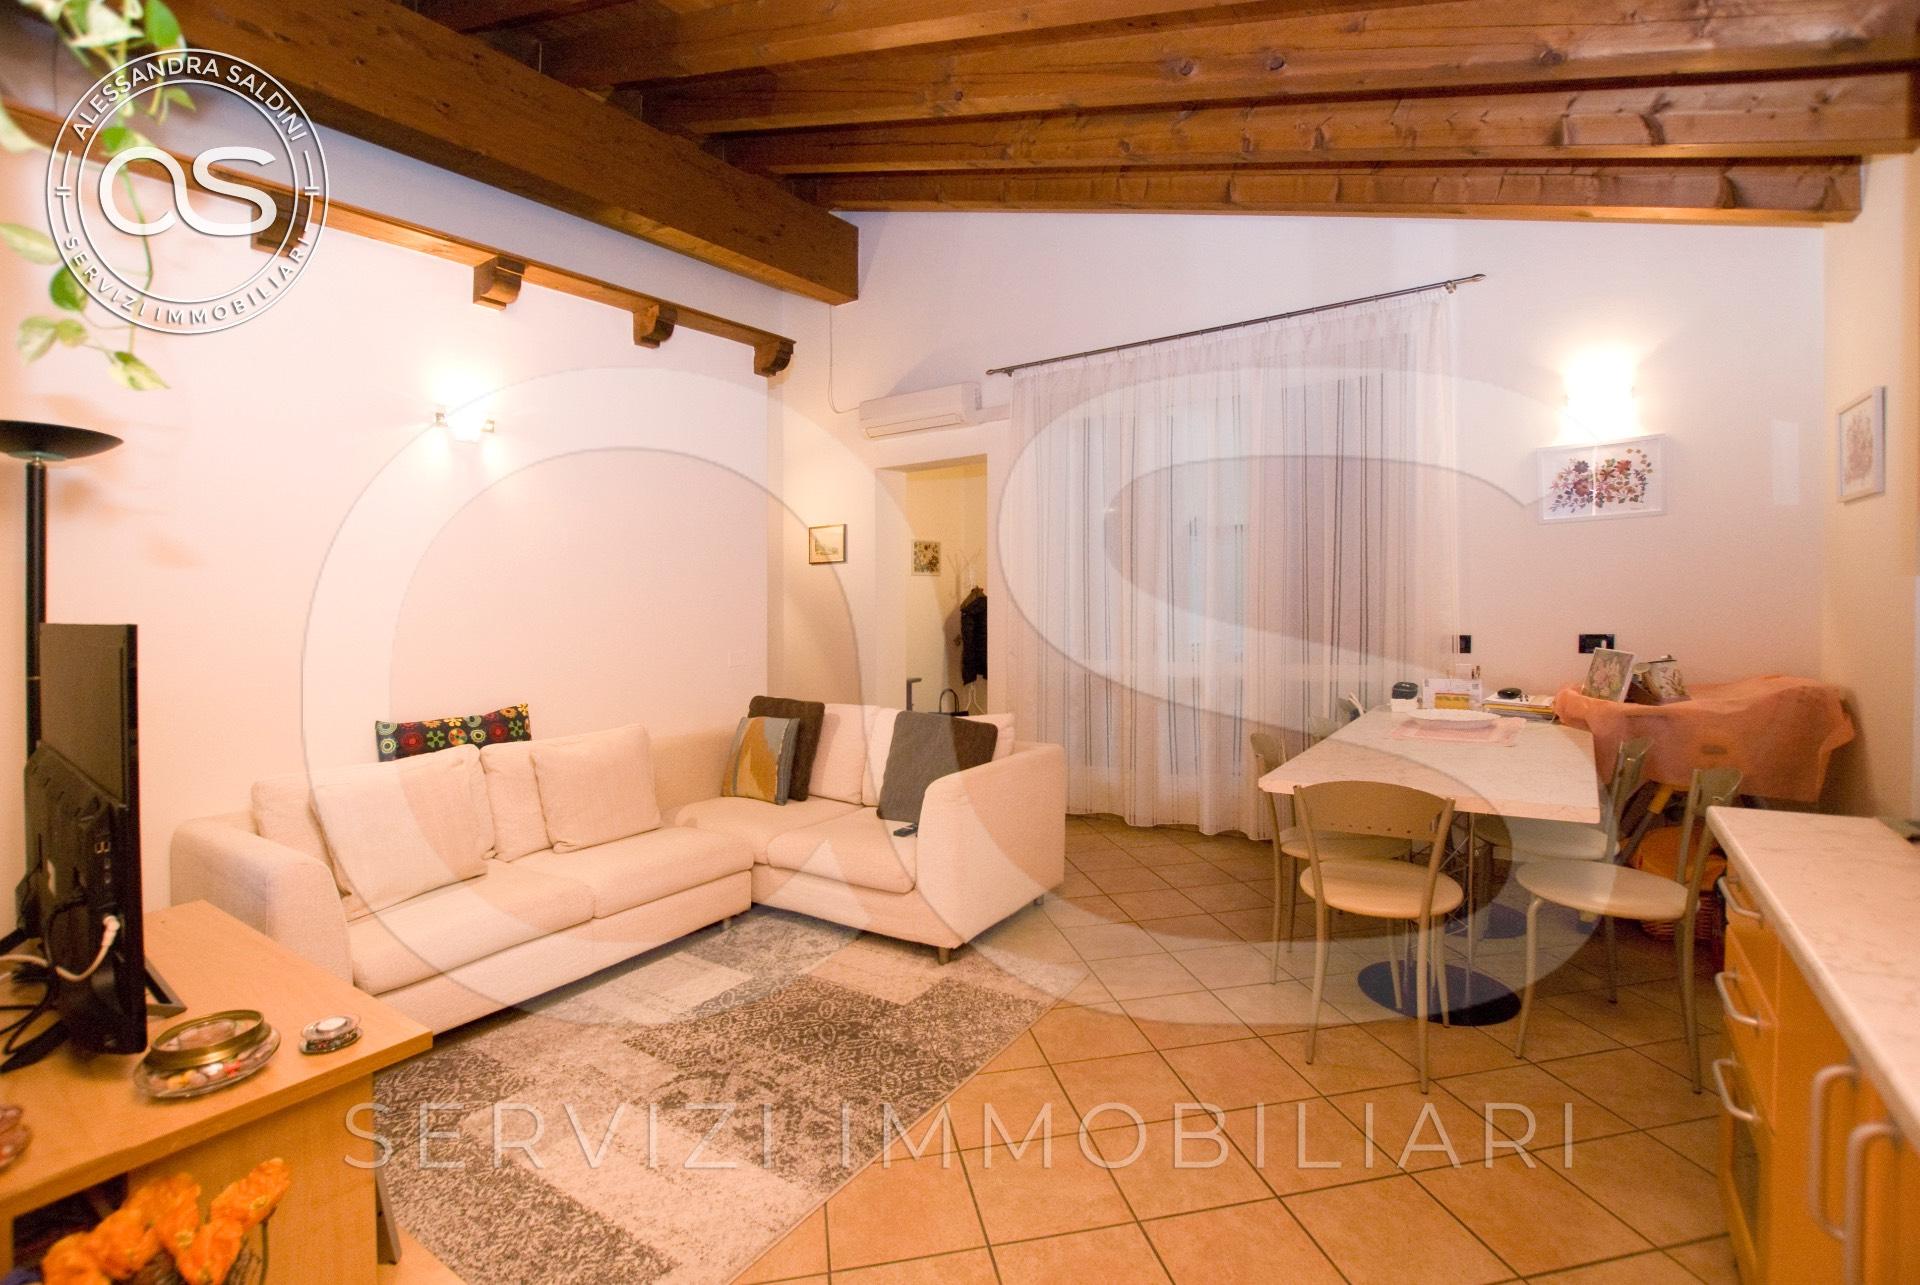 Agenzie Immobiliari Bassano appartamento in vendita a bassano bresciano cod. 51